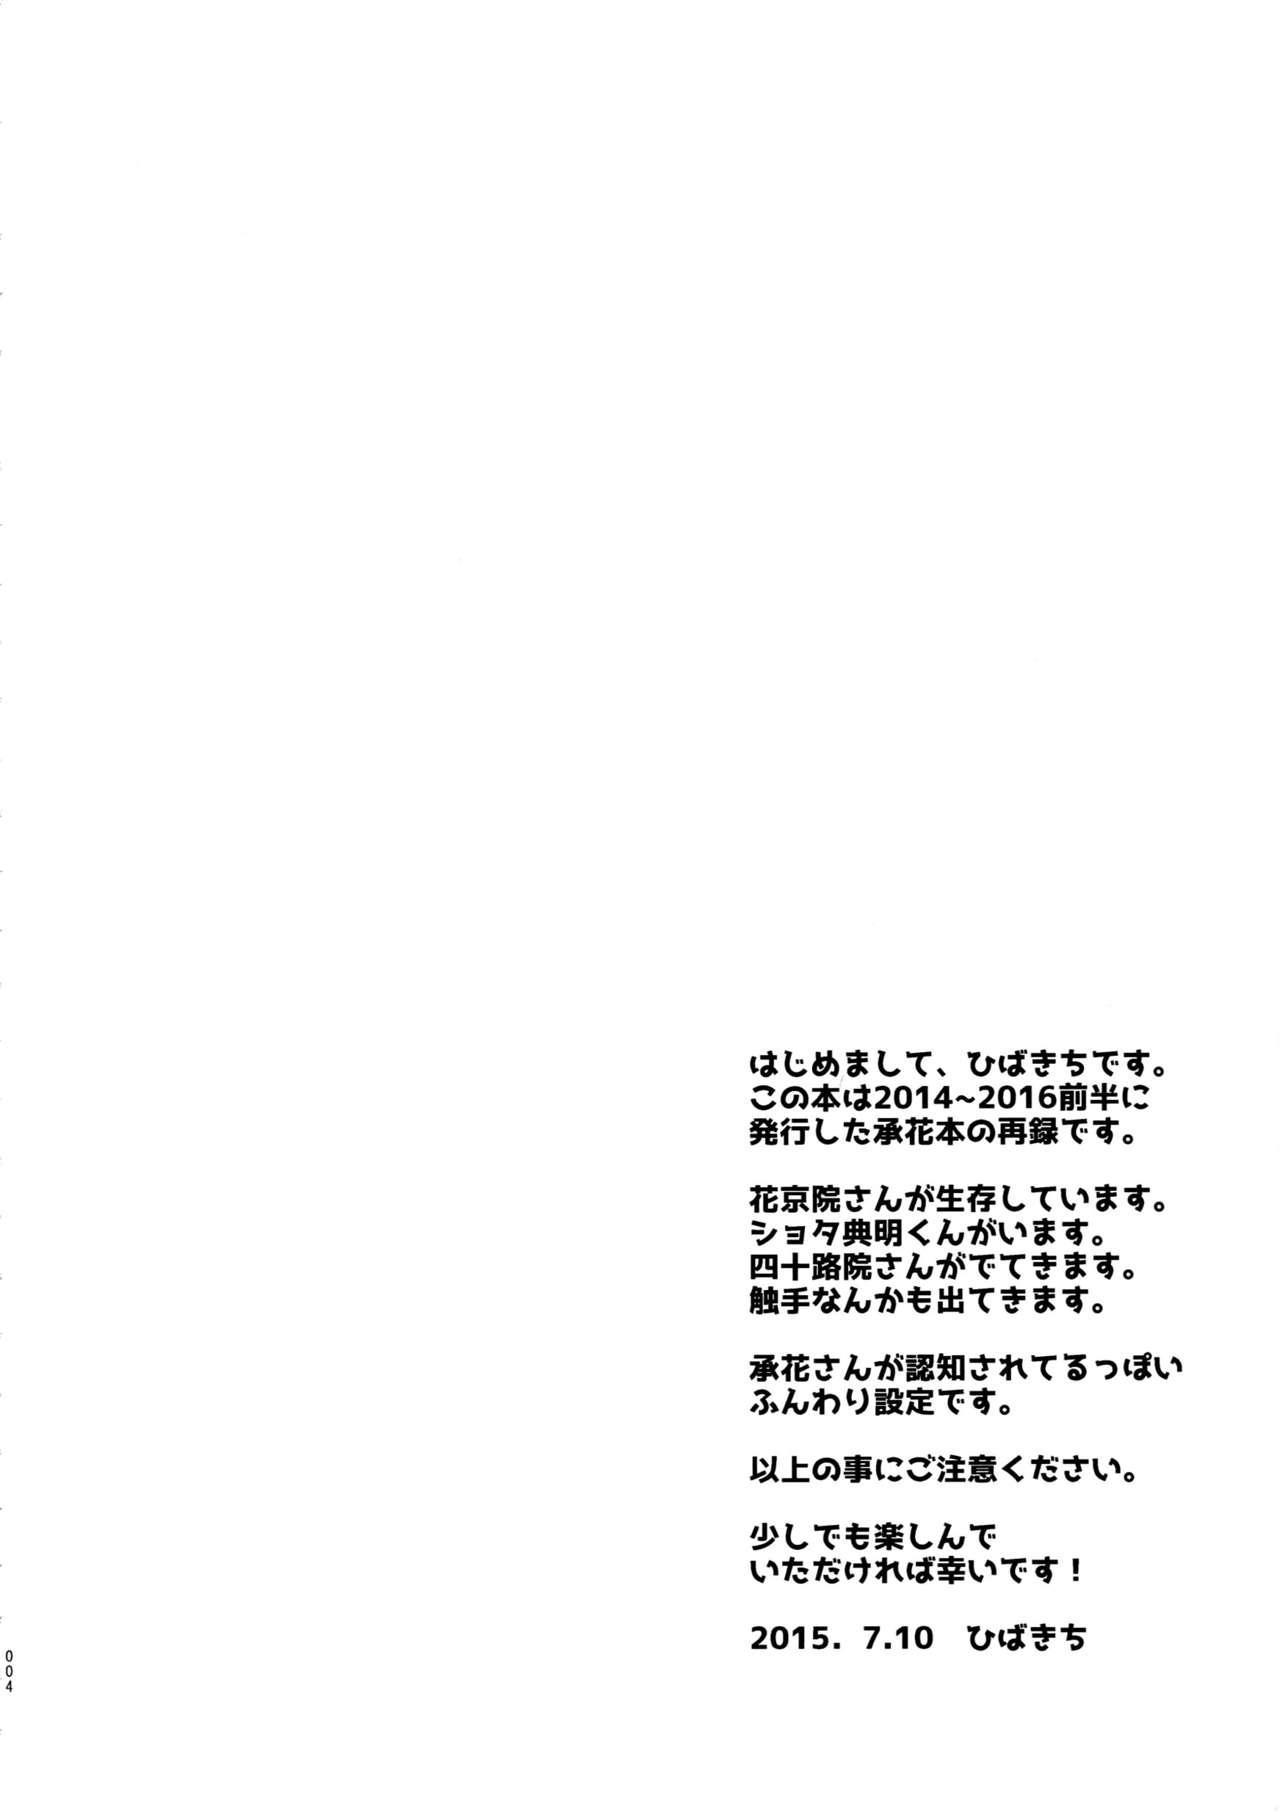 Uketamawa Hana Sairoku Hon 2